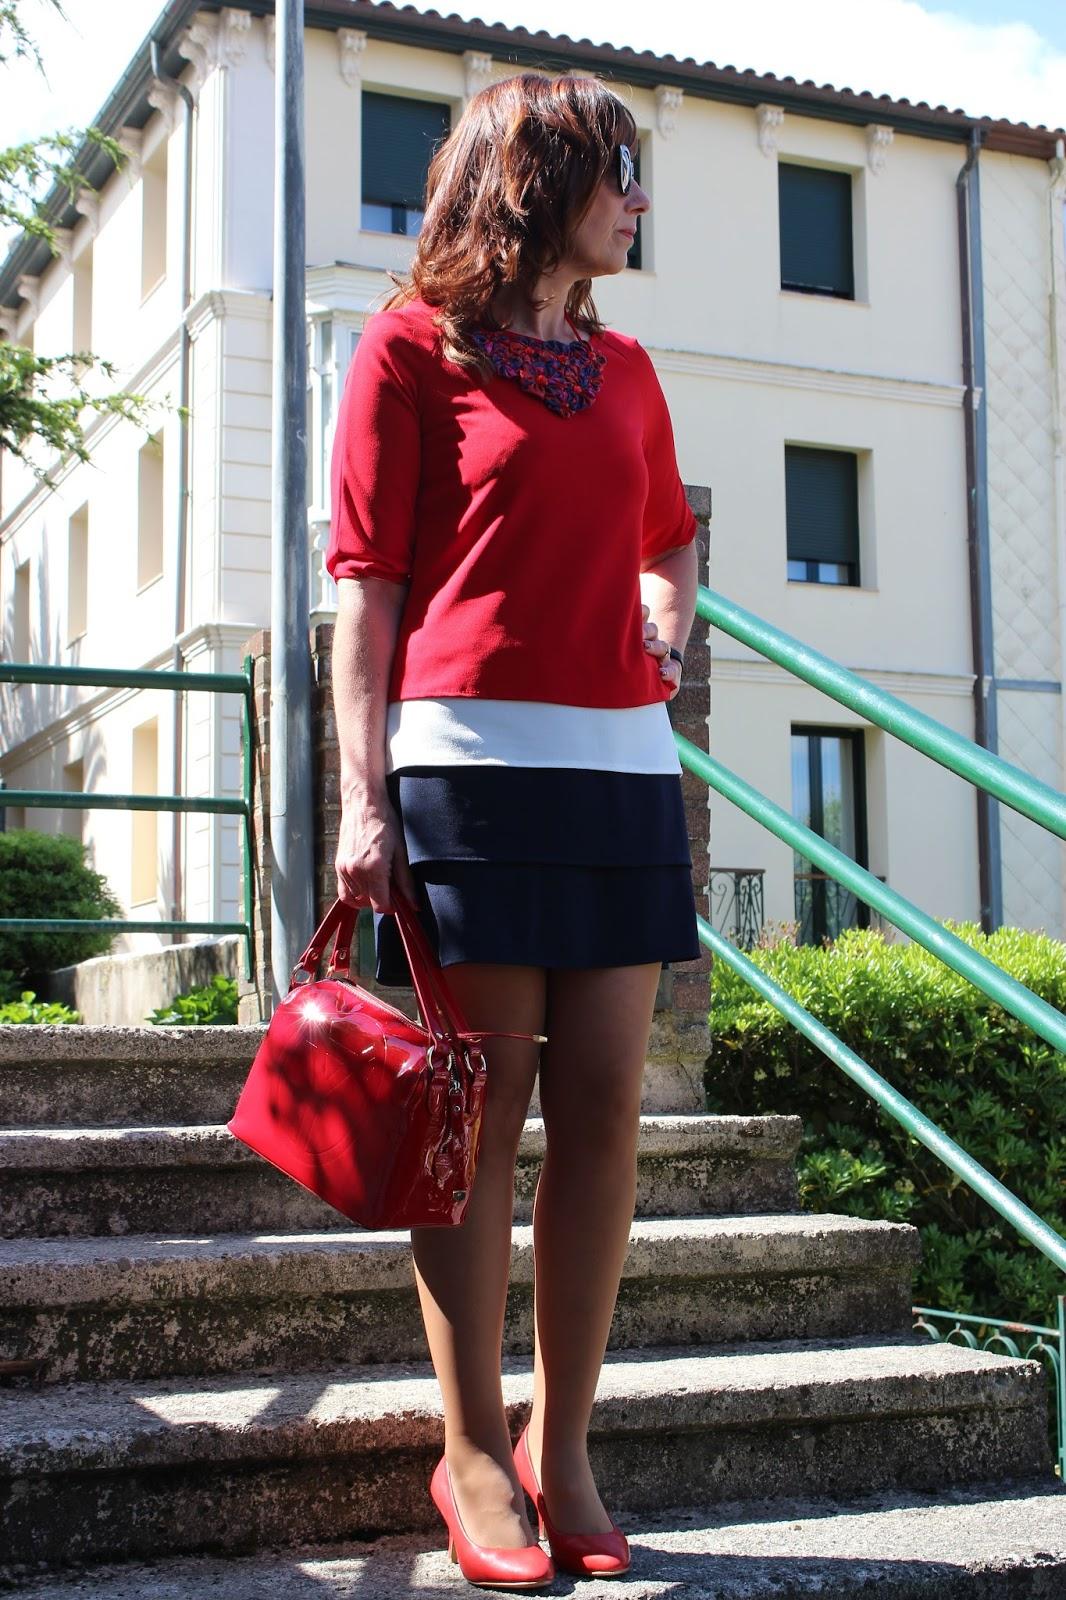 Br jula de estilo mis looks vestido tres colores - Brujula de estilo ...